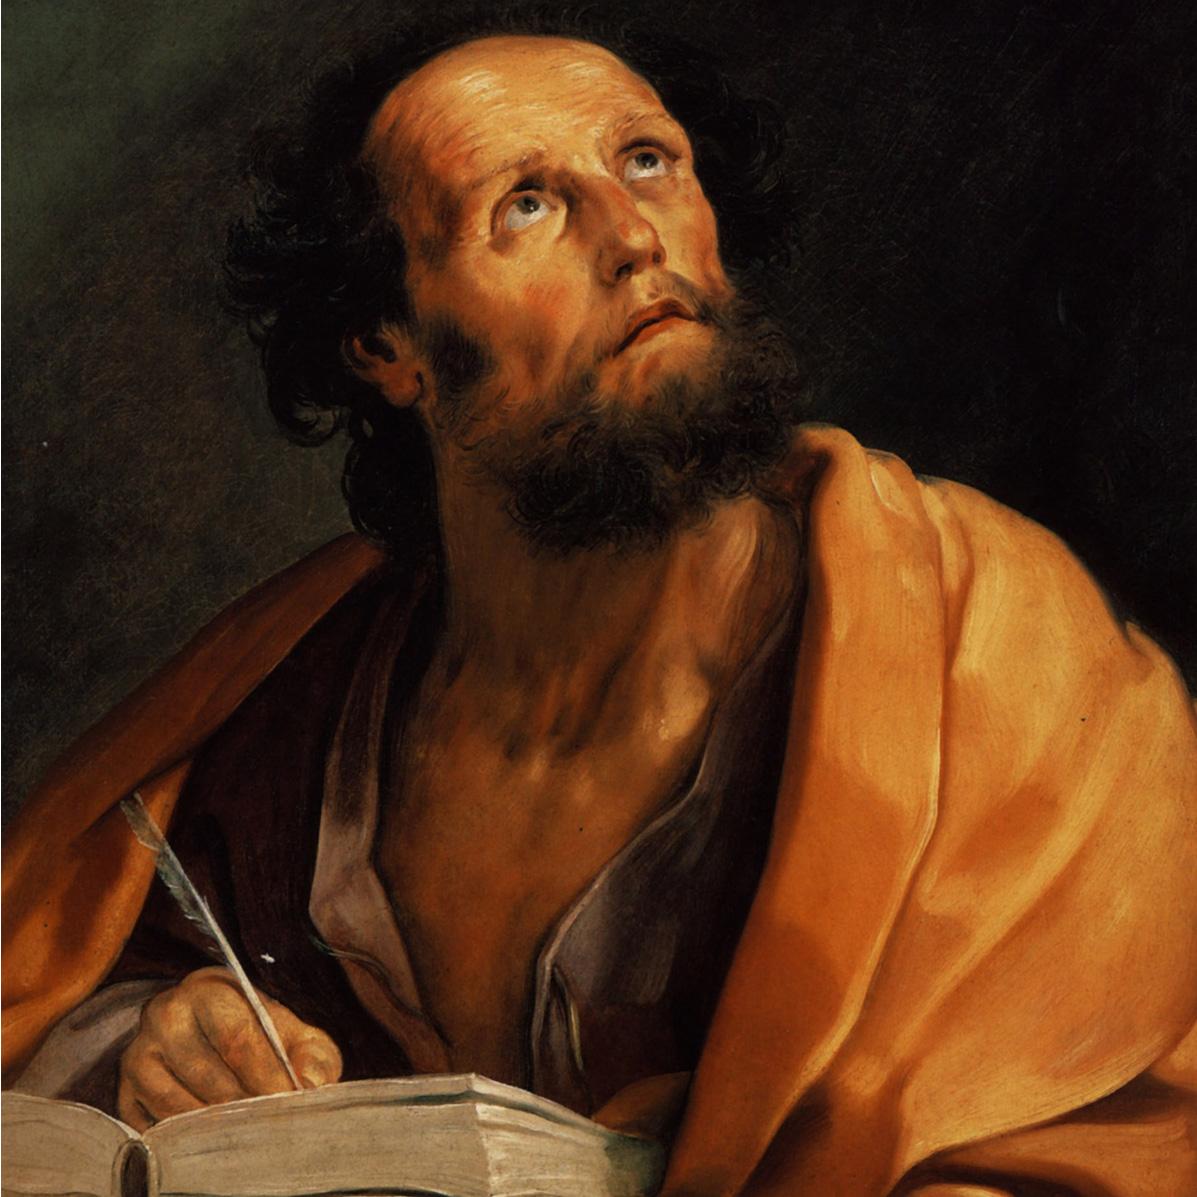 Lucas de evangelist